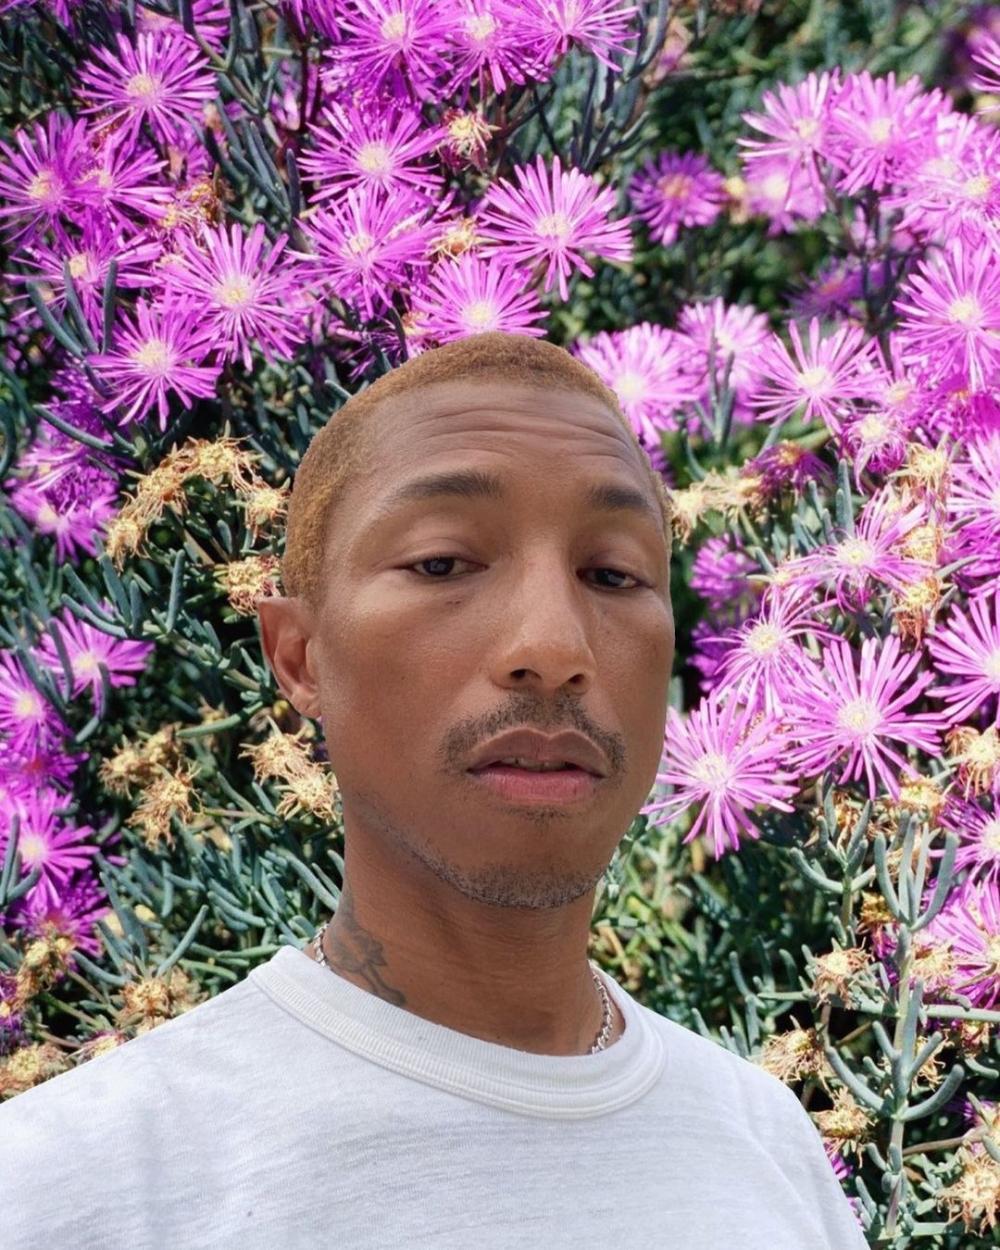 Instagram @pharrell